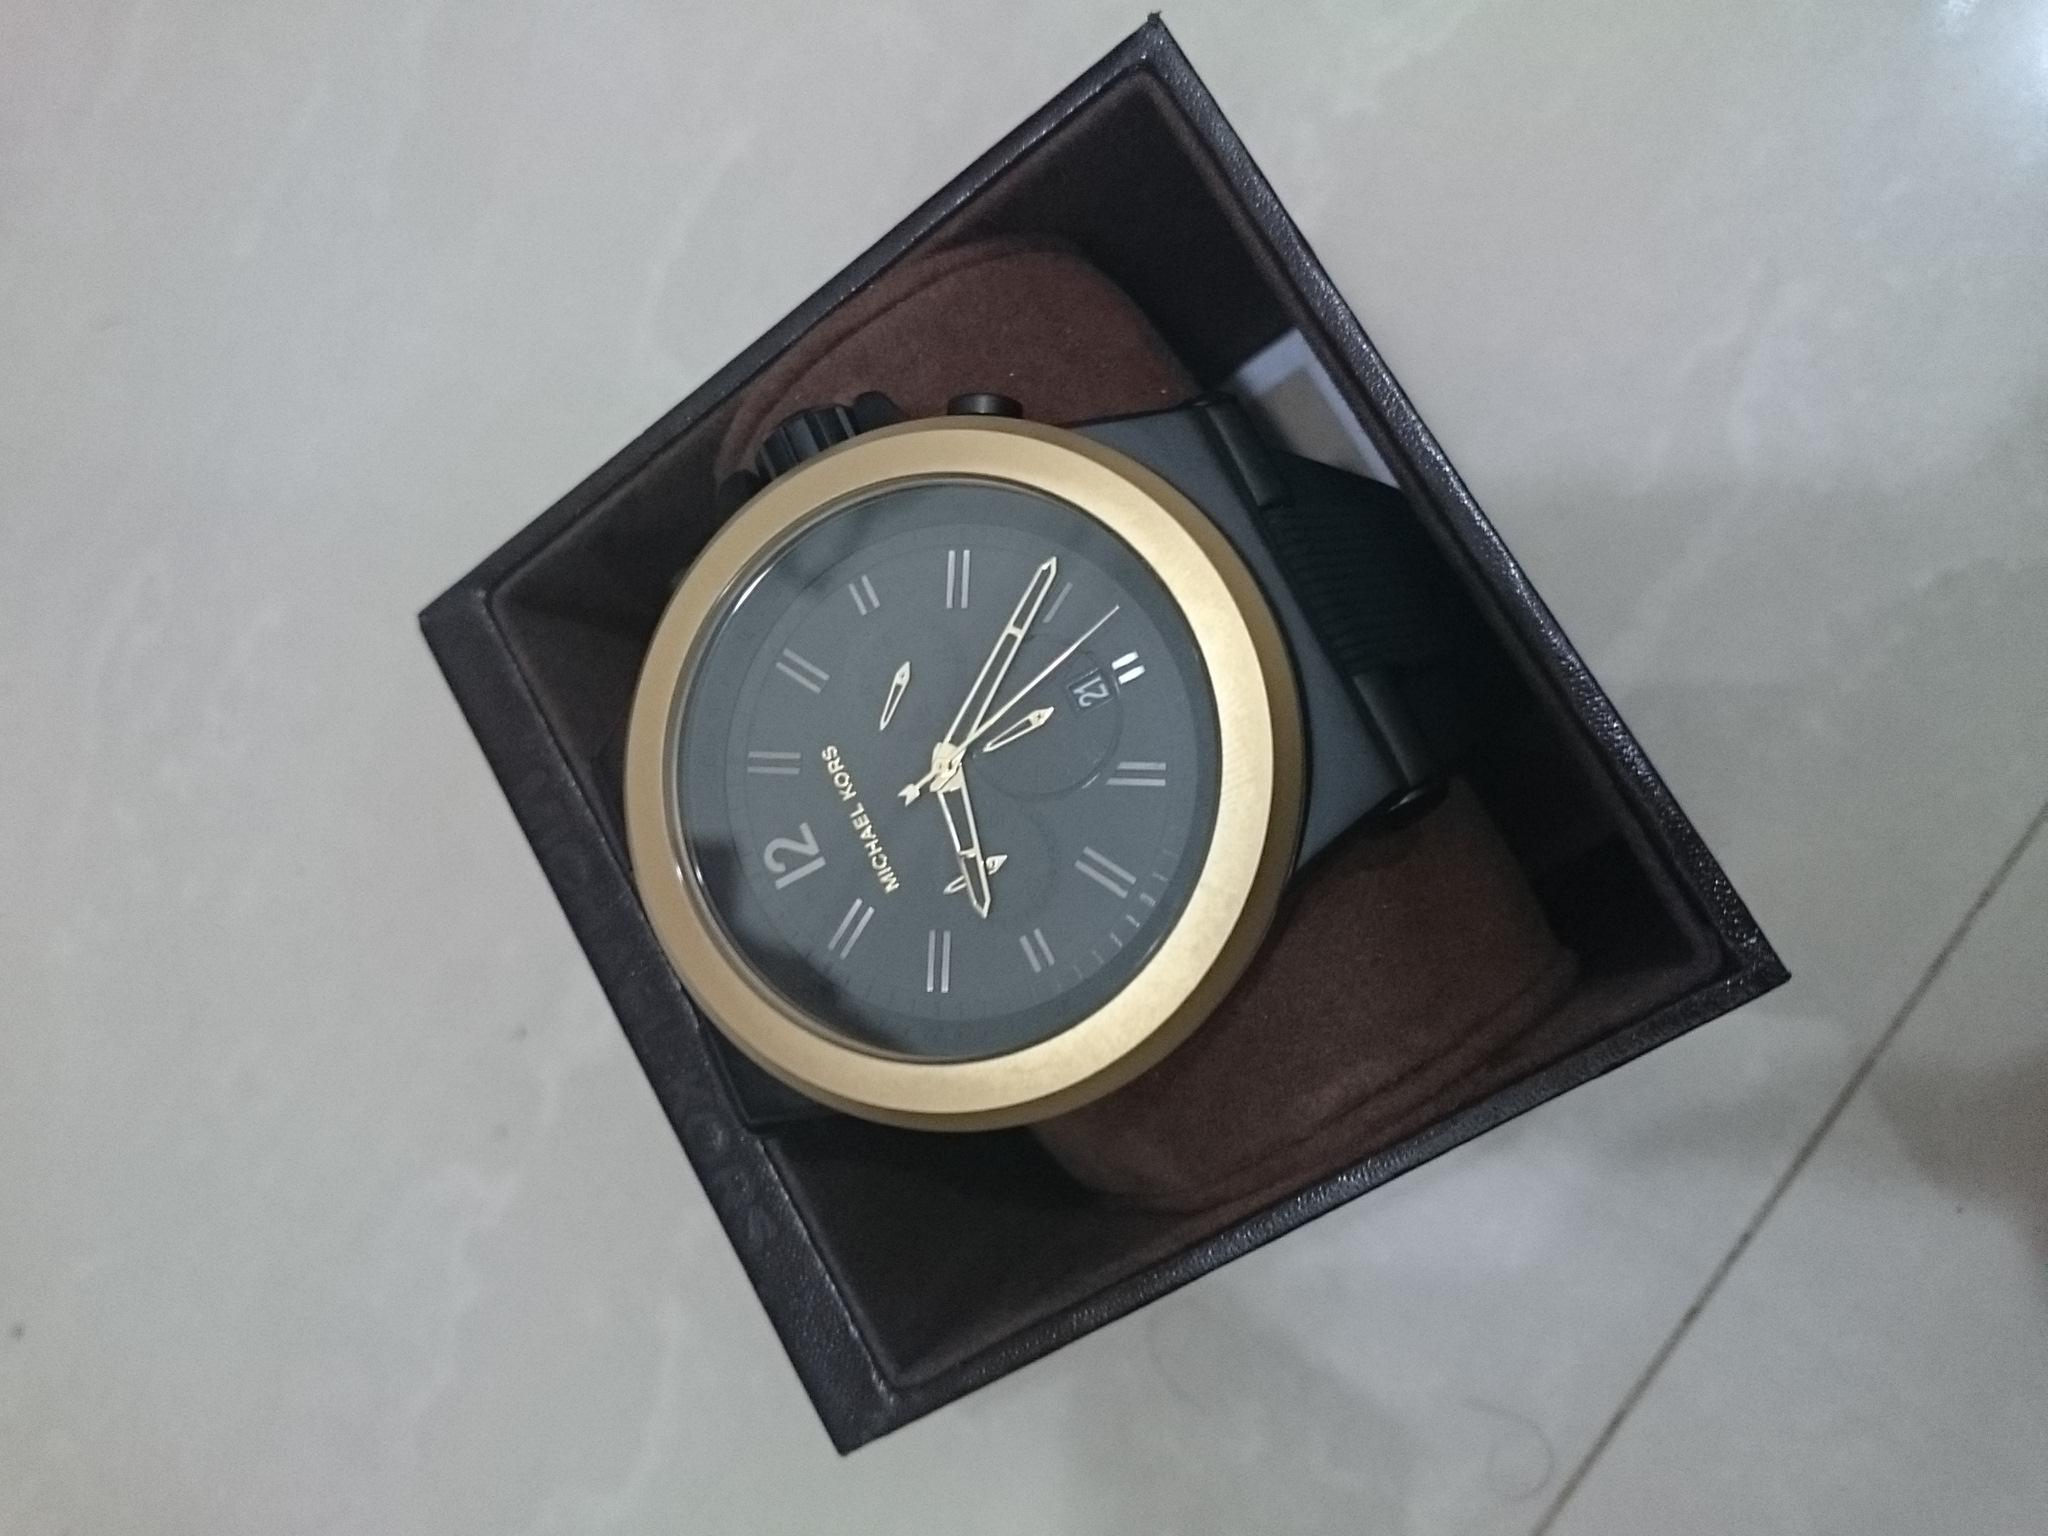 Michael Kors Watch - UNWANTED GIFT